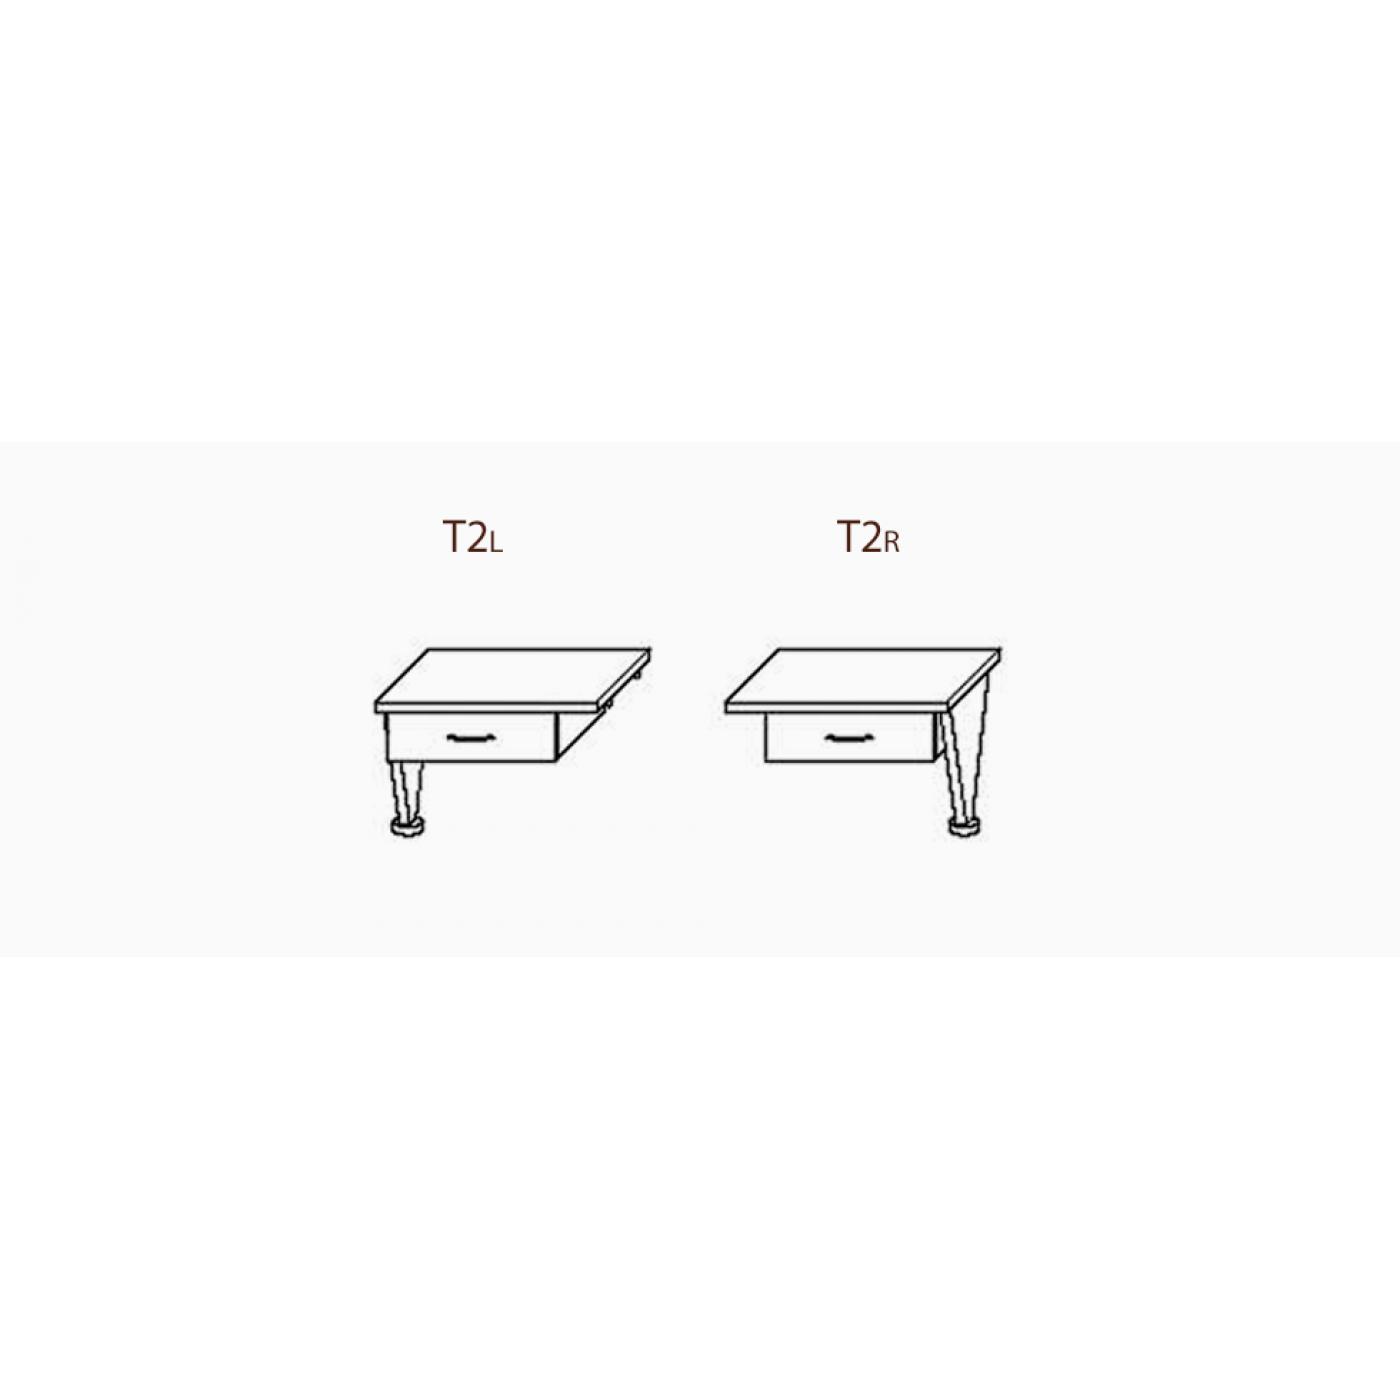 Тумбочка подвесная Т2_